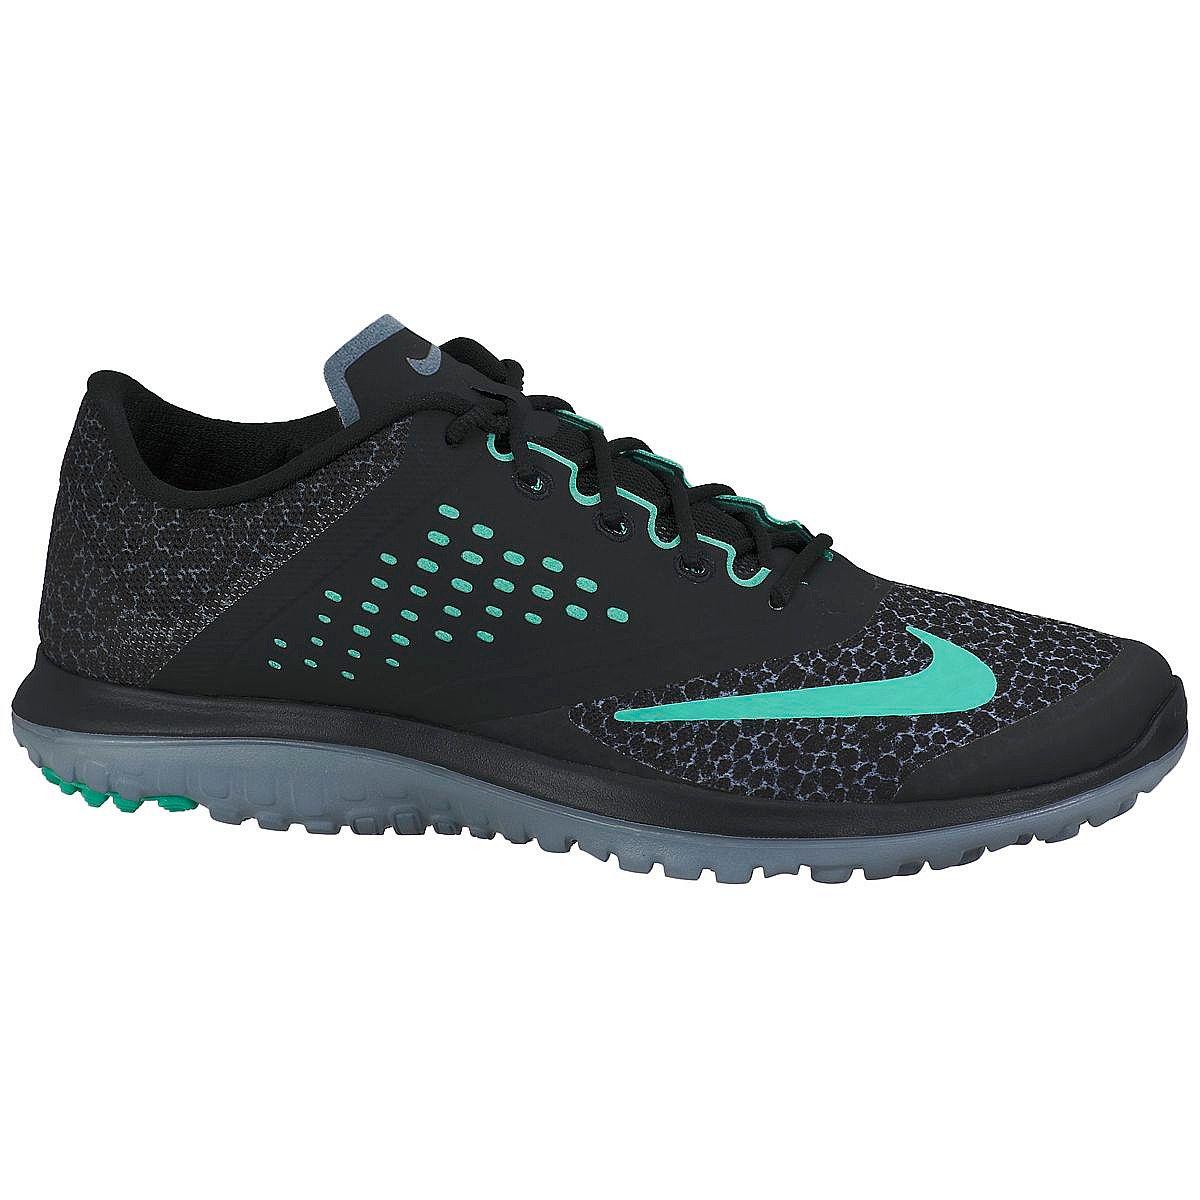 DICK S Sporting Goods - Official Site - Every Season Starts at DICK S.  Sapatos Nike FemininosTênis ... cdfa9e23ebc7e